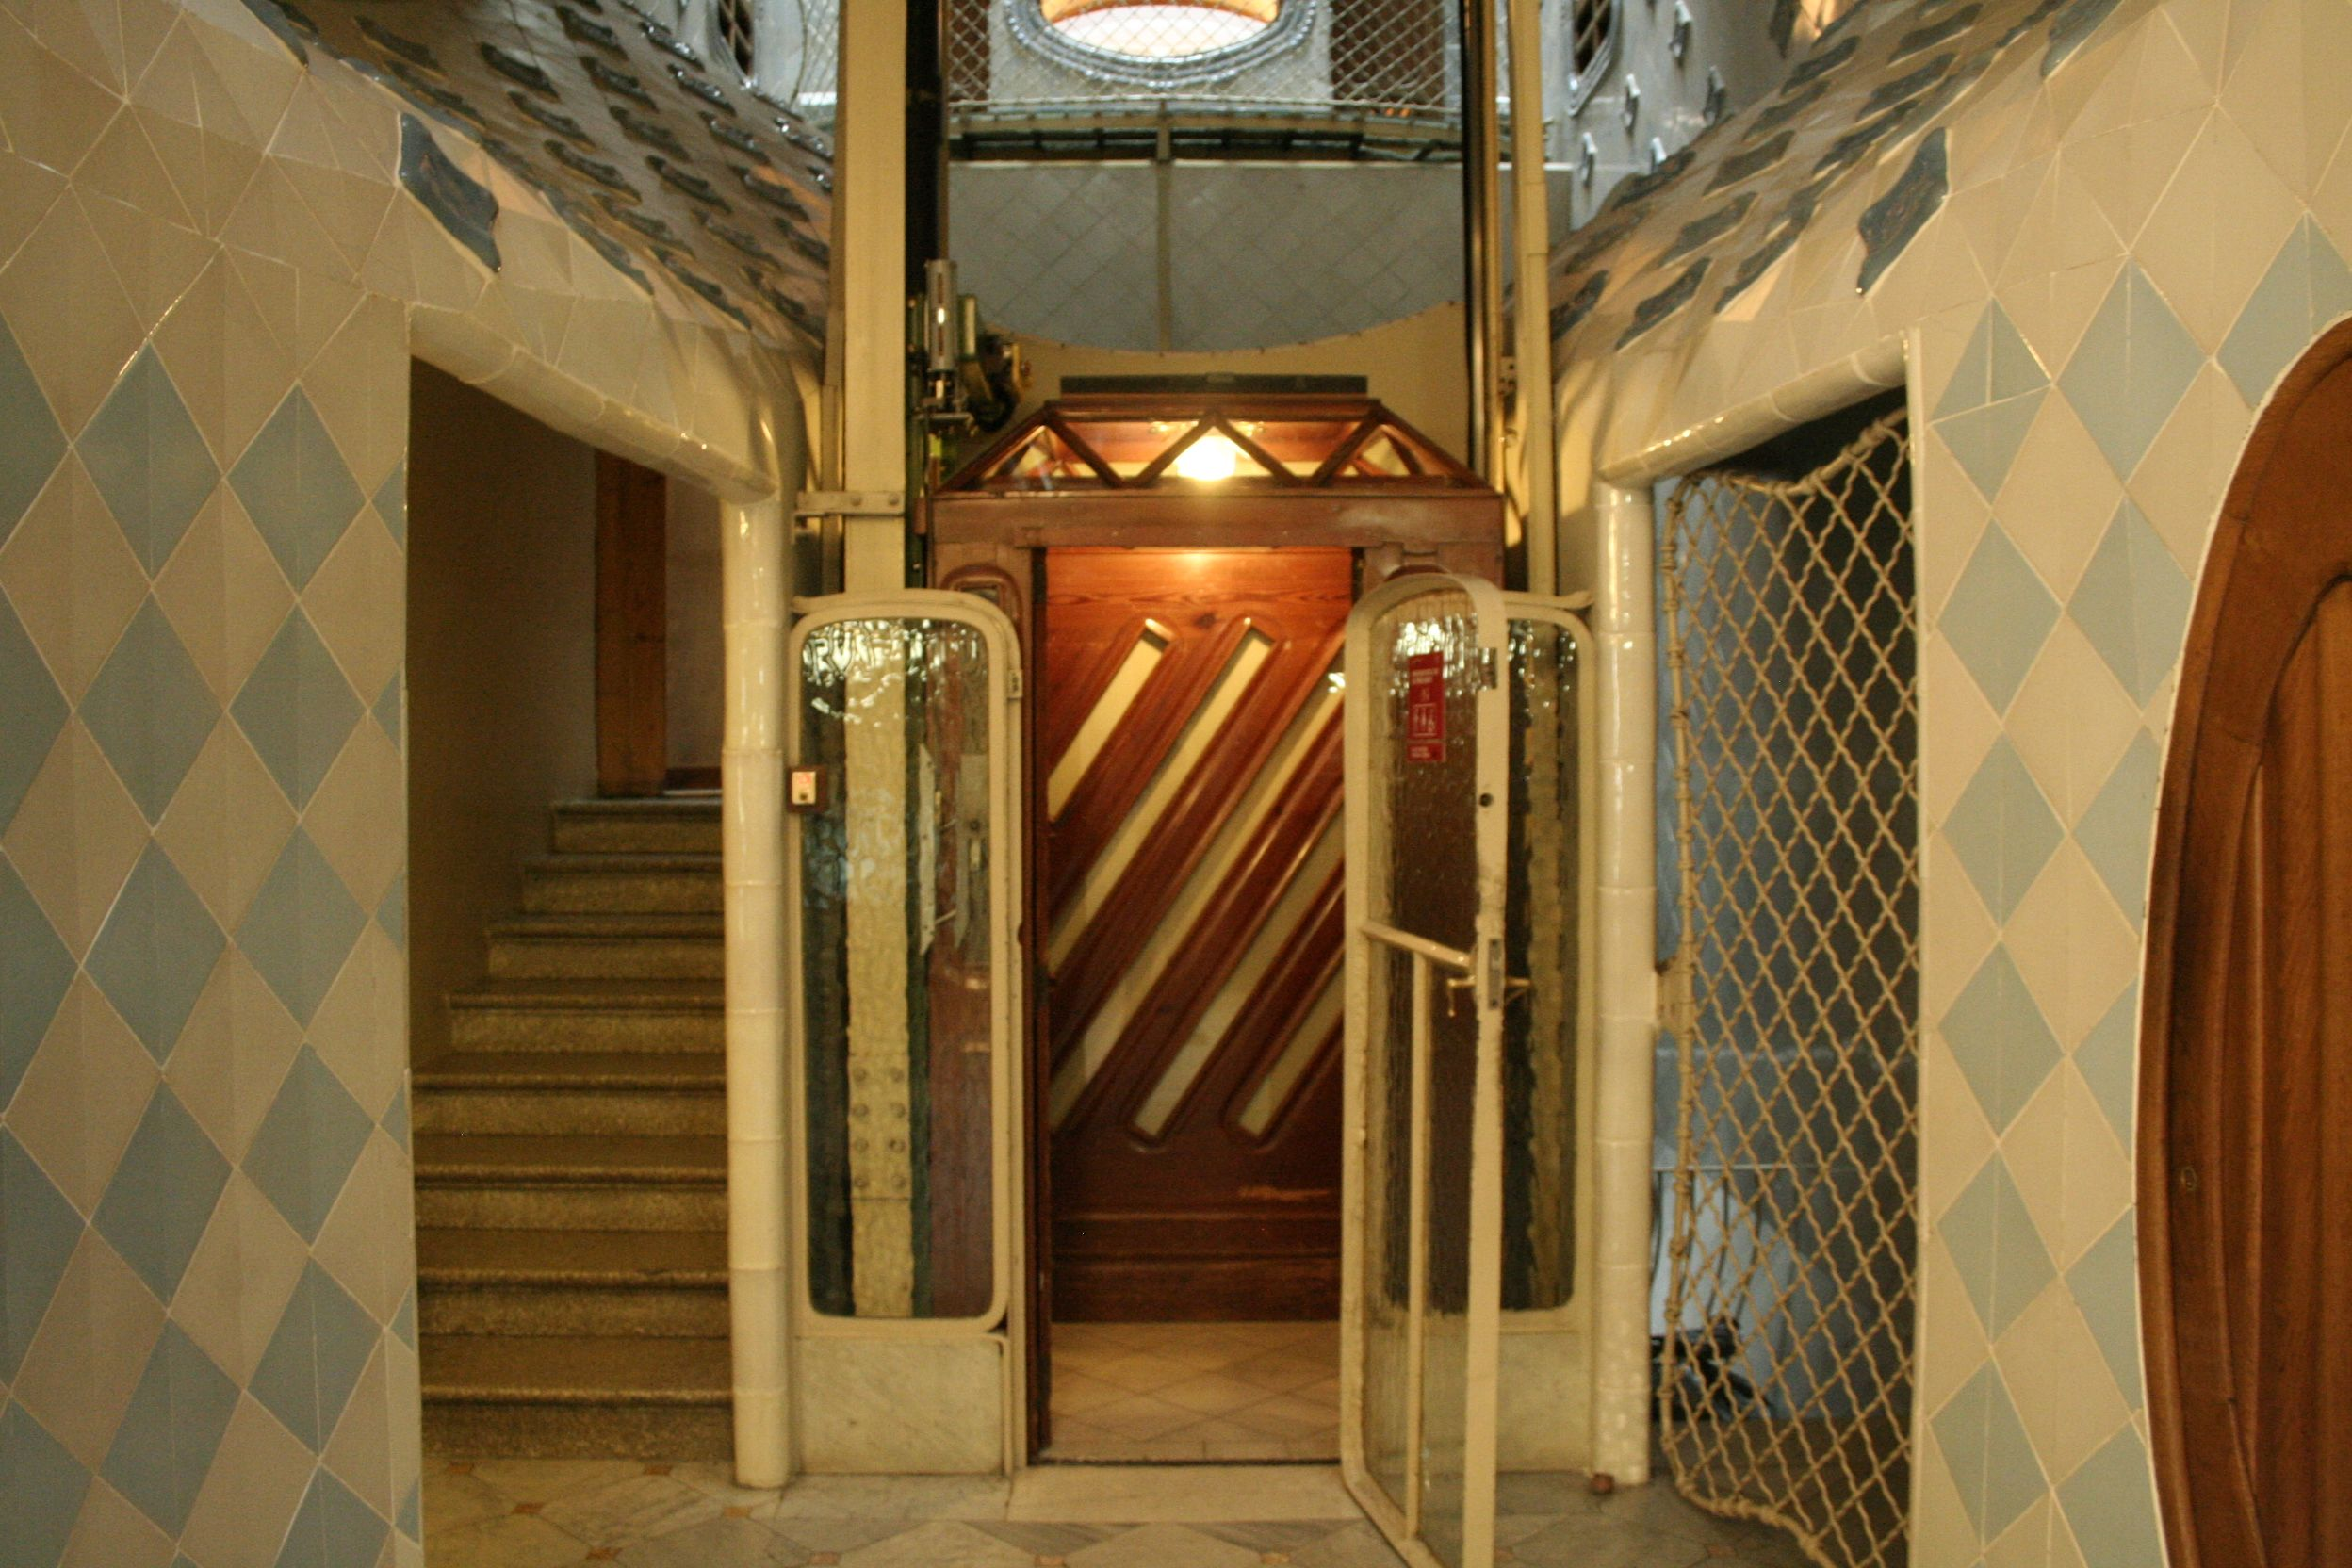 Ascensor de la casa batll ascensores elevators - Ascensor casa ...